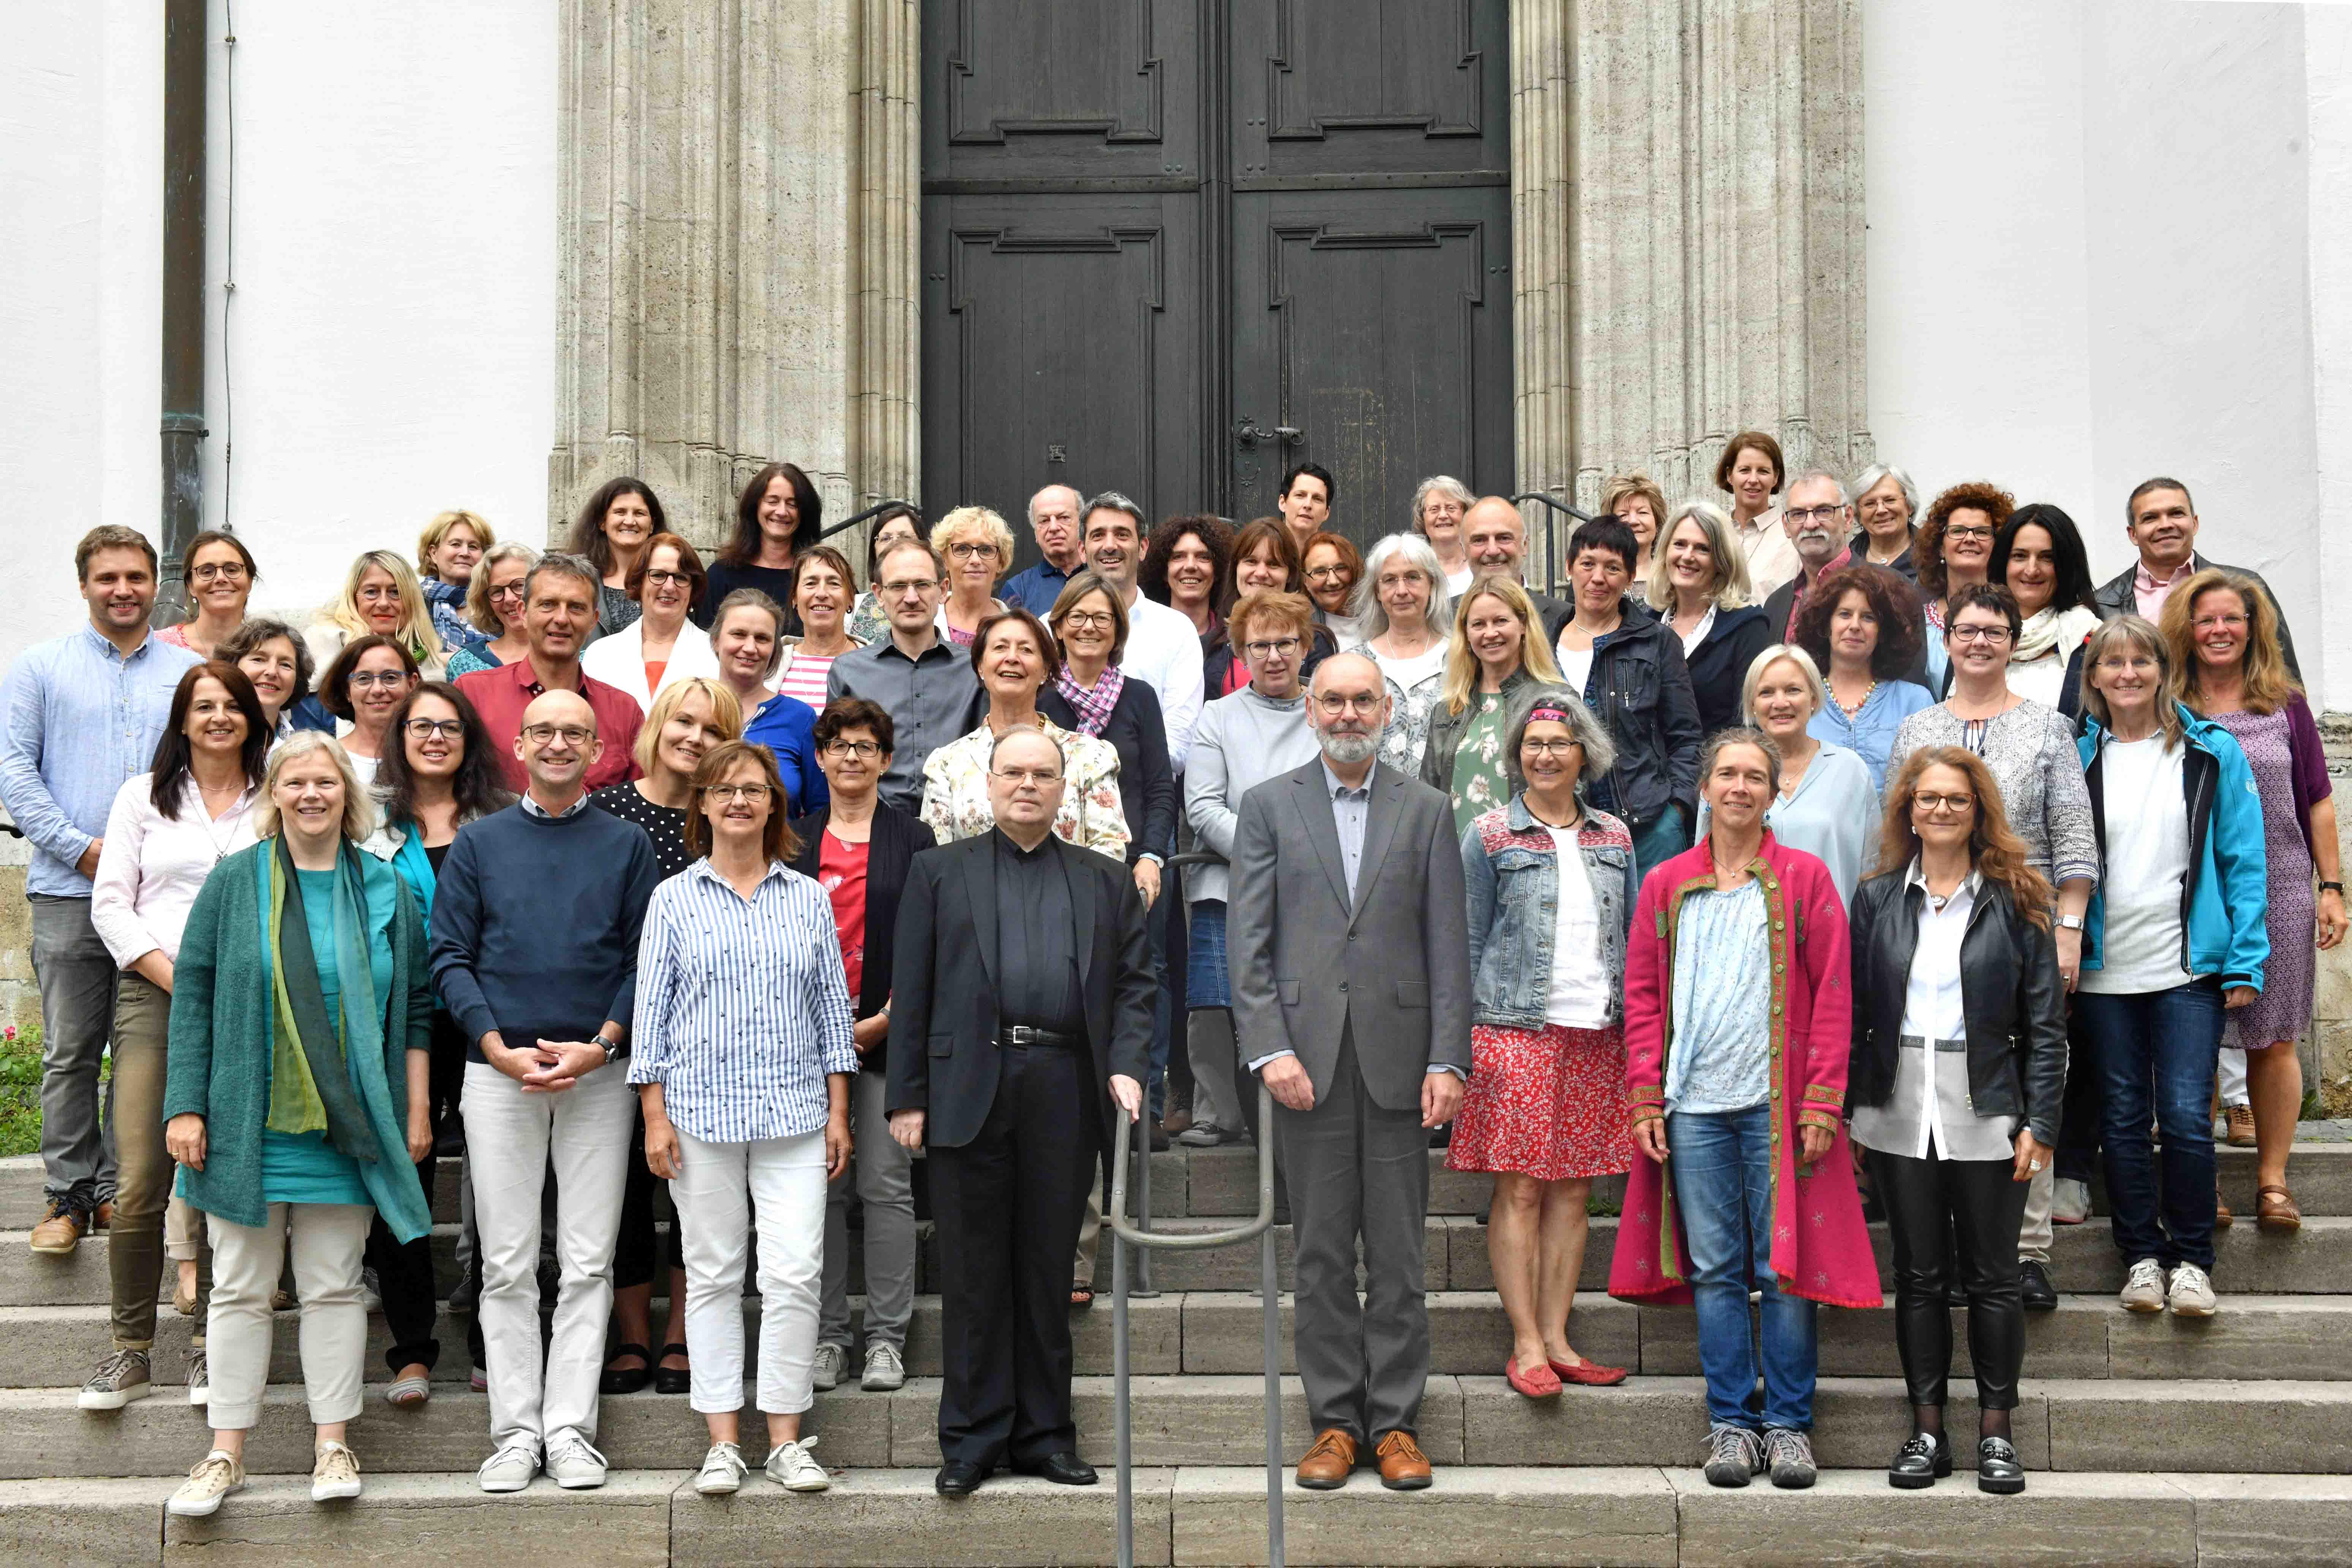 Dutzende Beraterinnen und Berater trafen sich in den vergangenen beiden Tagen im Haus St. Ulrich zum fachlichen Austausch. (Foto: Daniel Jäckel / pba)